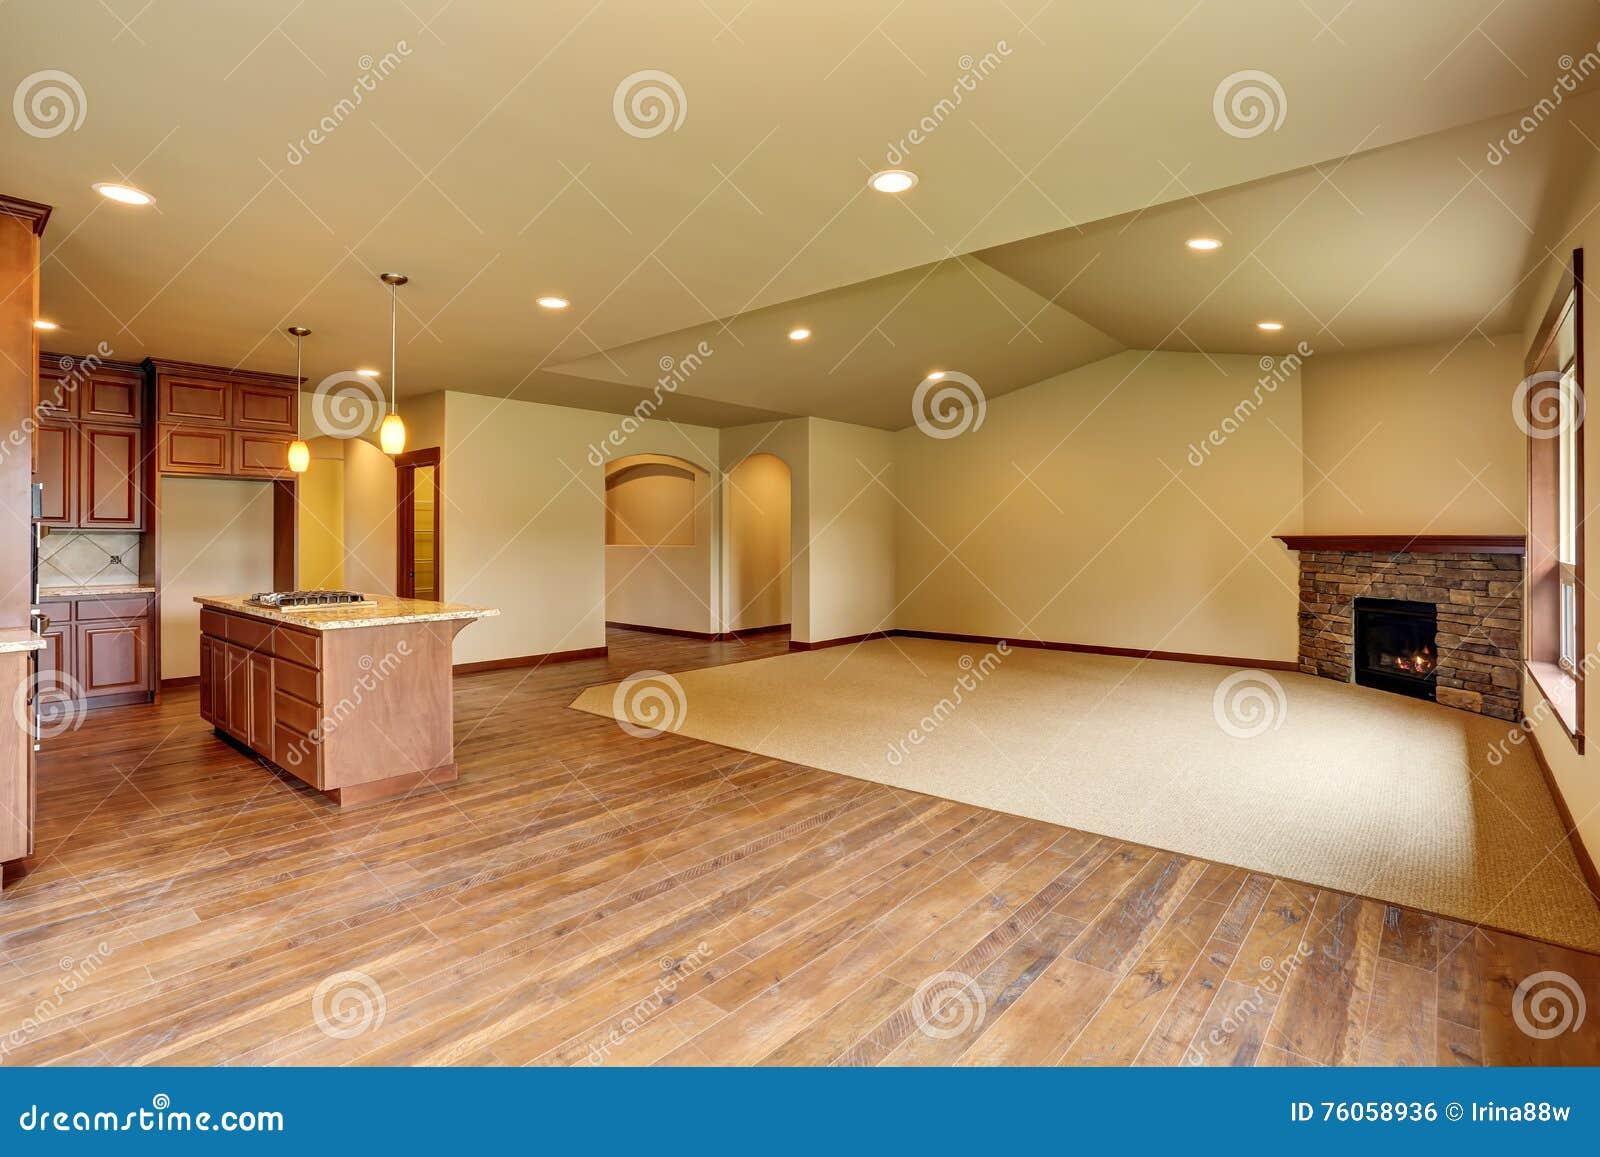 Open Floor Plan. Empty Living Room With Carpet Floor. Stock ...